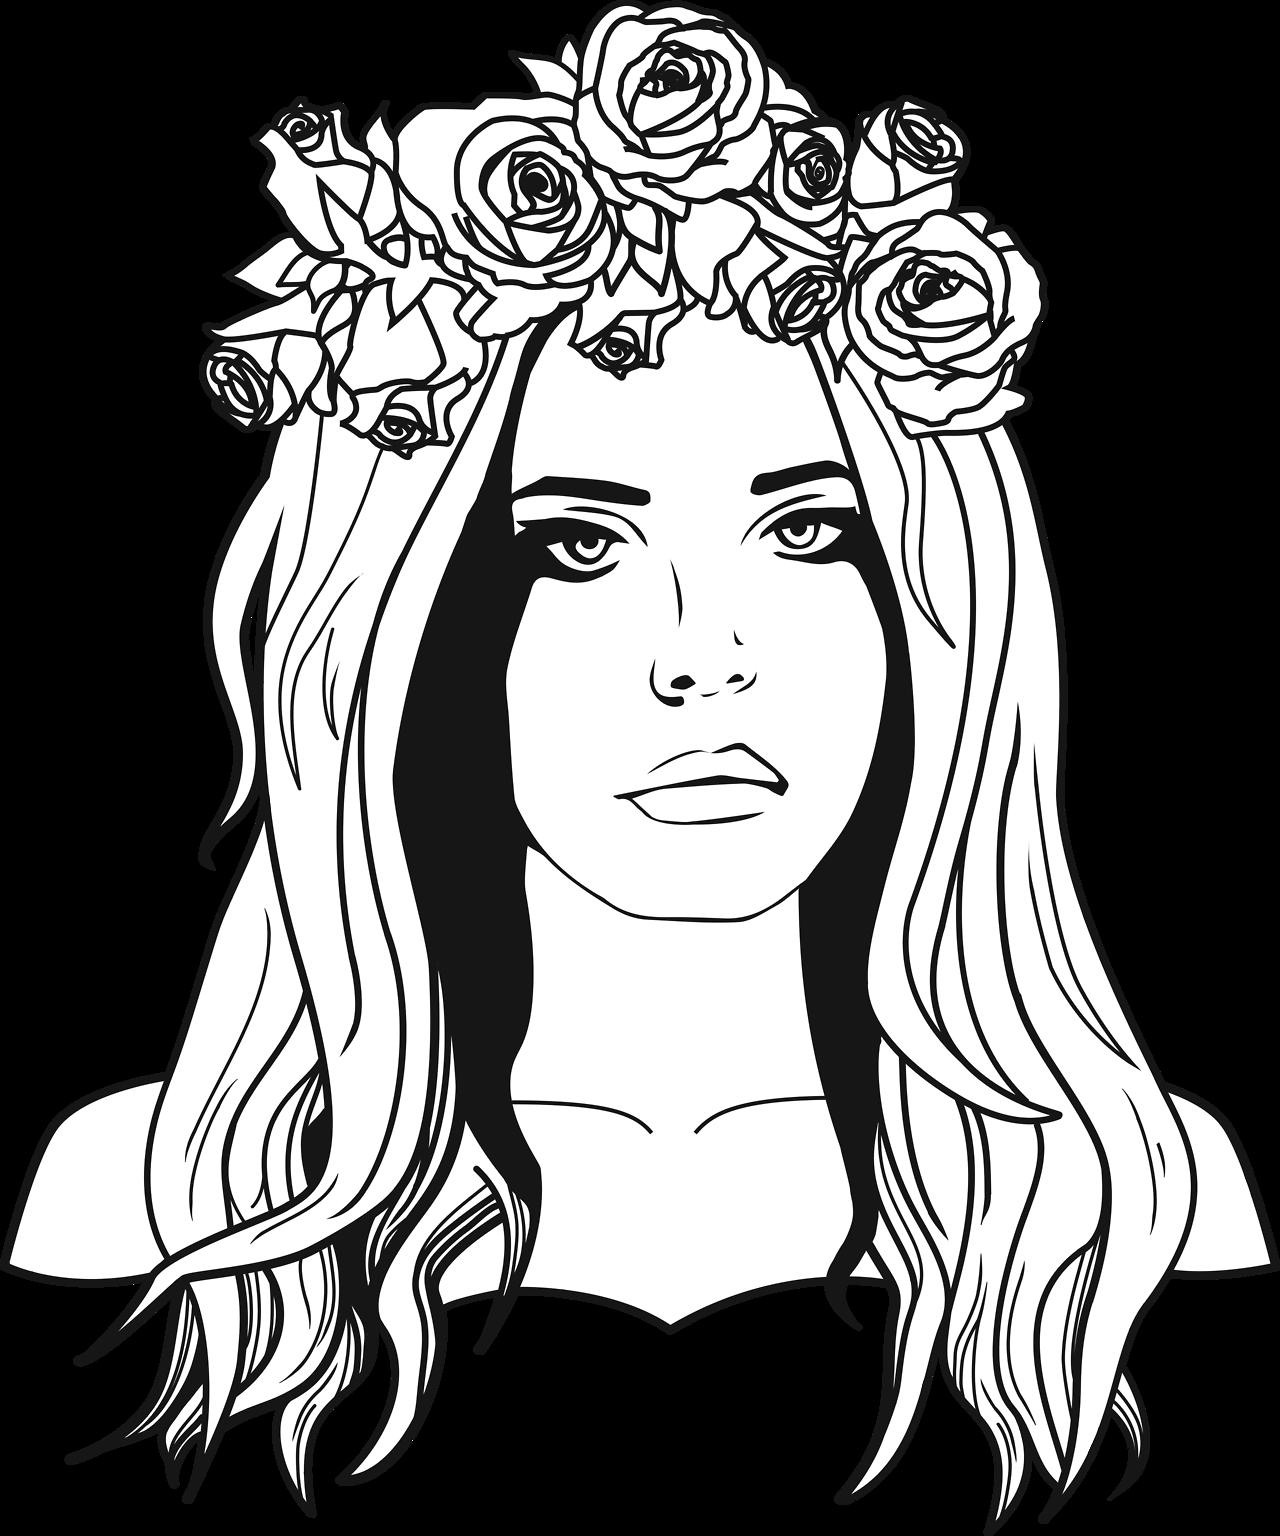 квартира индивидуальным картинки рисовать черно белые самое милое доброе